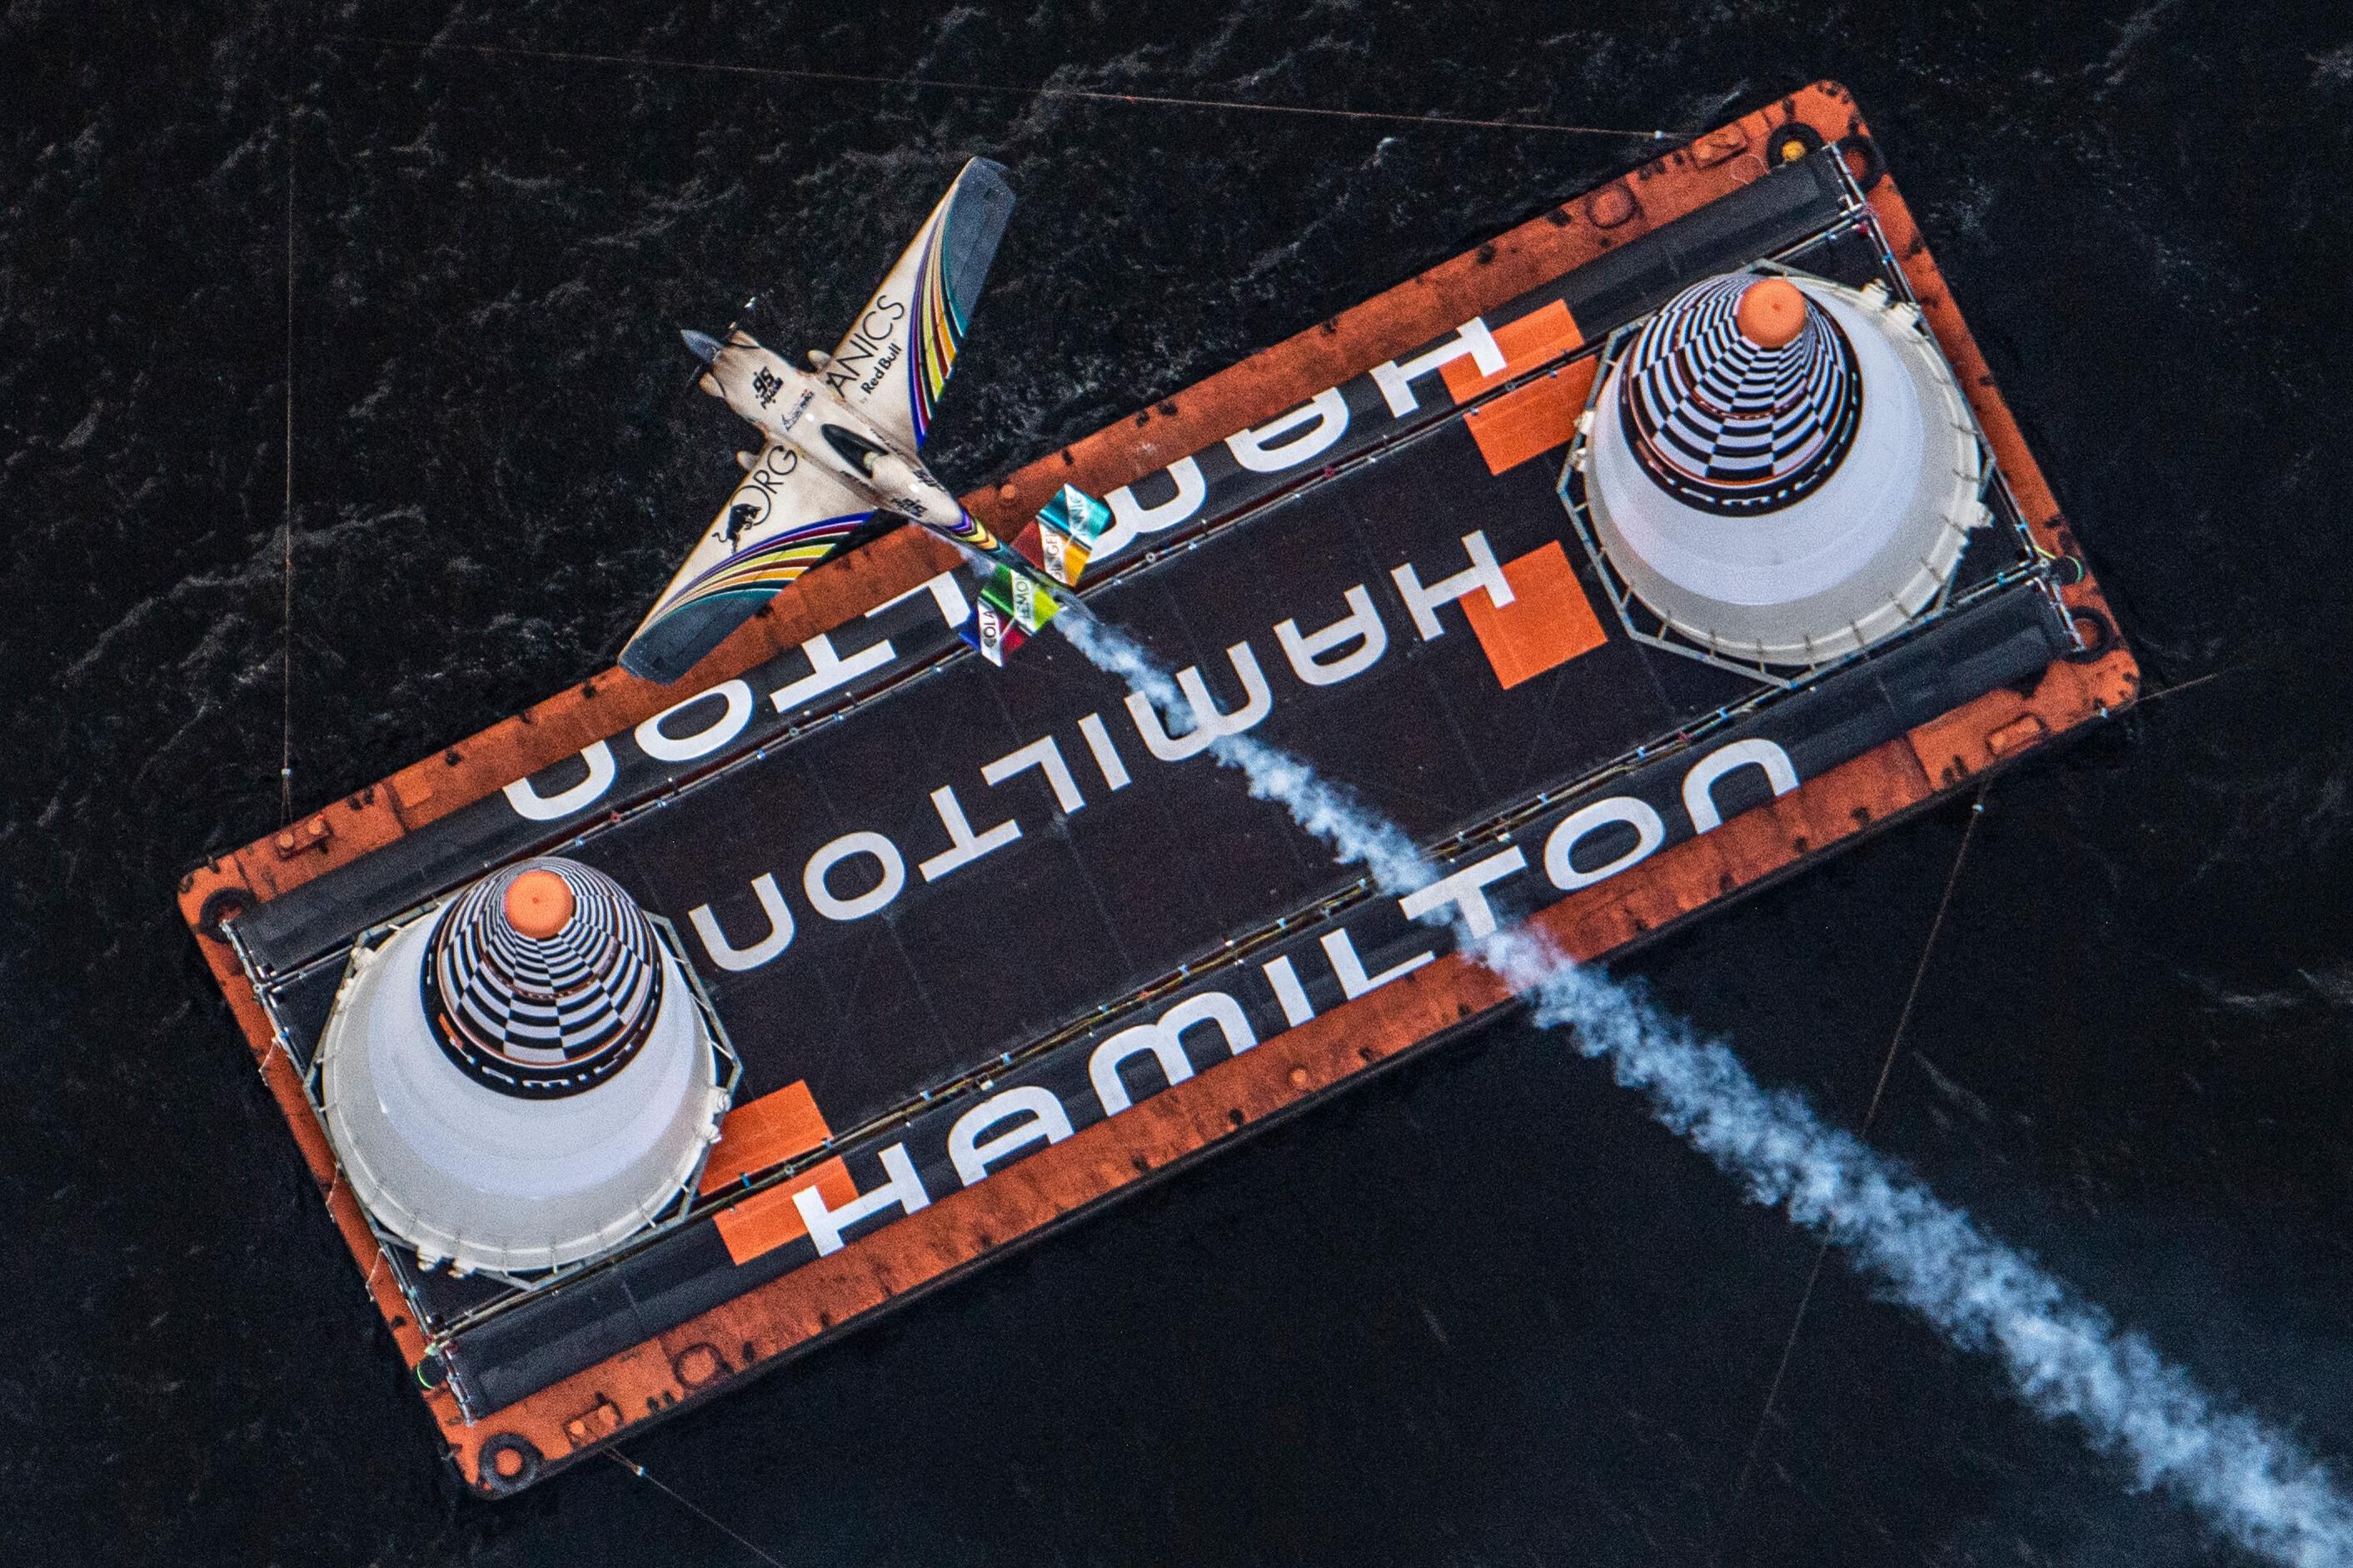 Matt Hall aus Australien tritt während des Finales in der vierten Runde der Red Bull Air Race-Weltmeisterschaft am 8. September 2019 in Chiba, Japan auf.